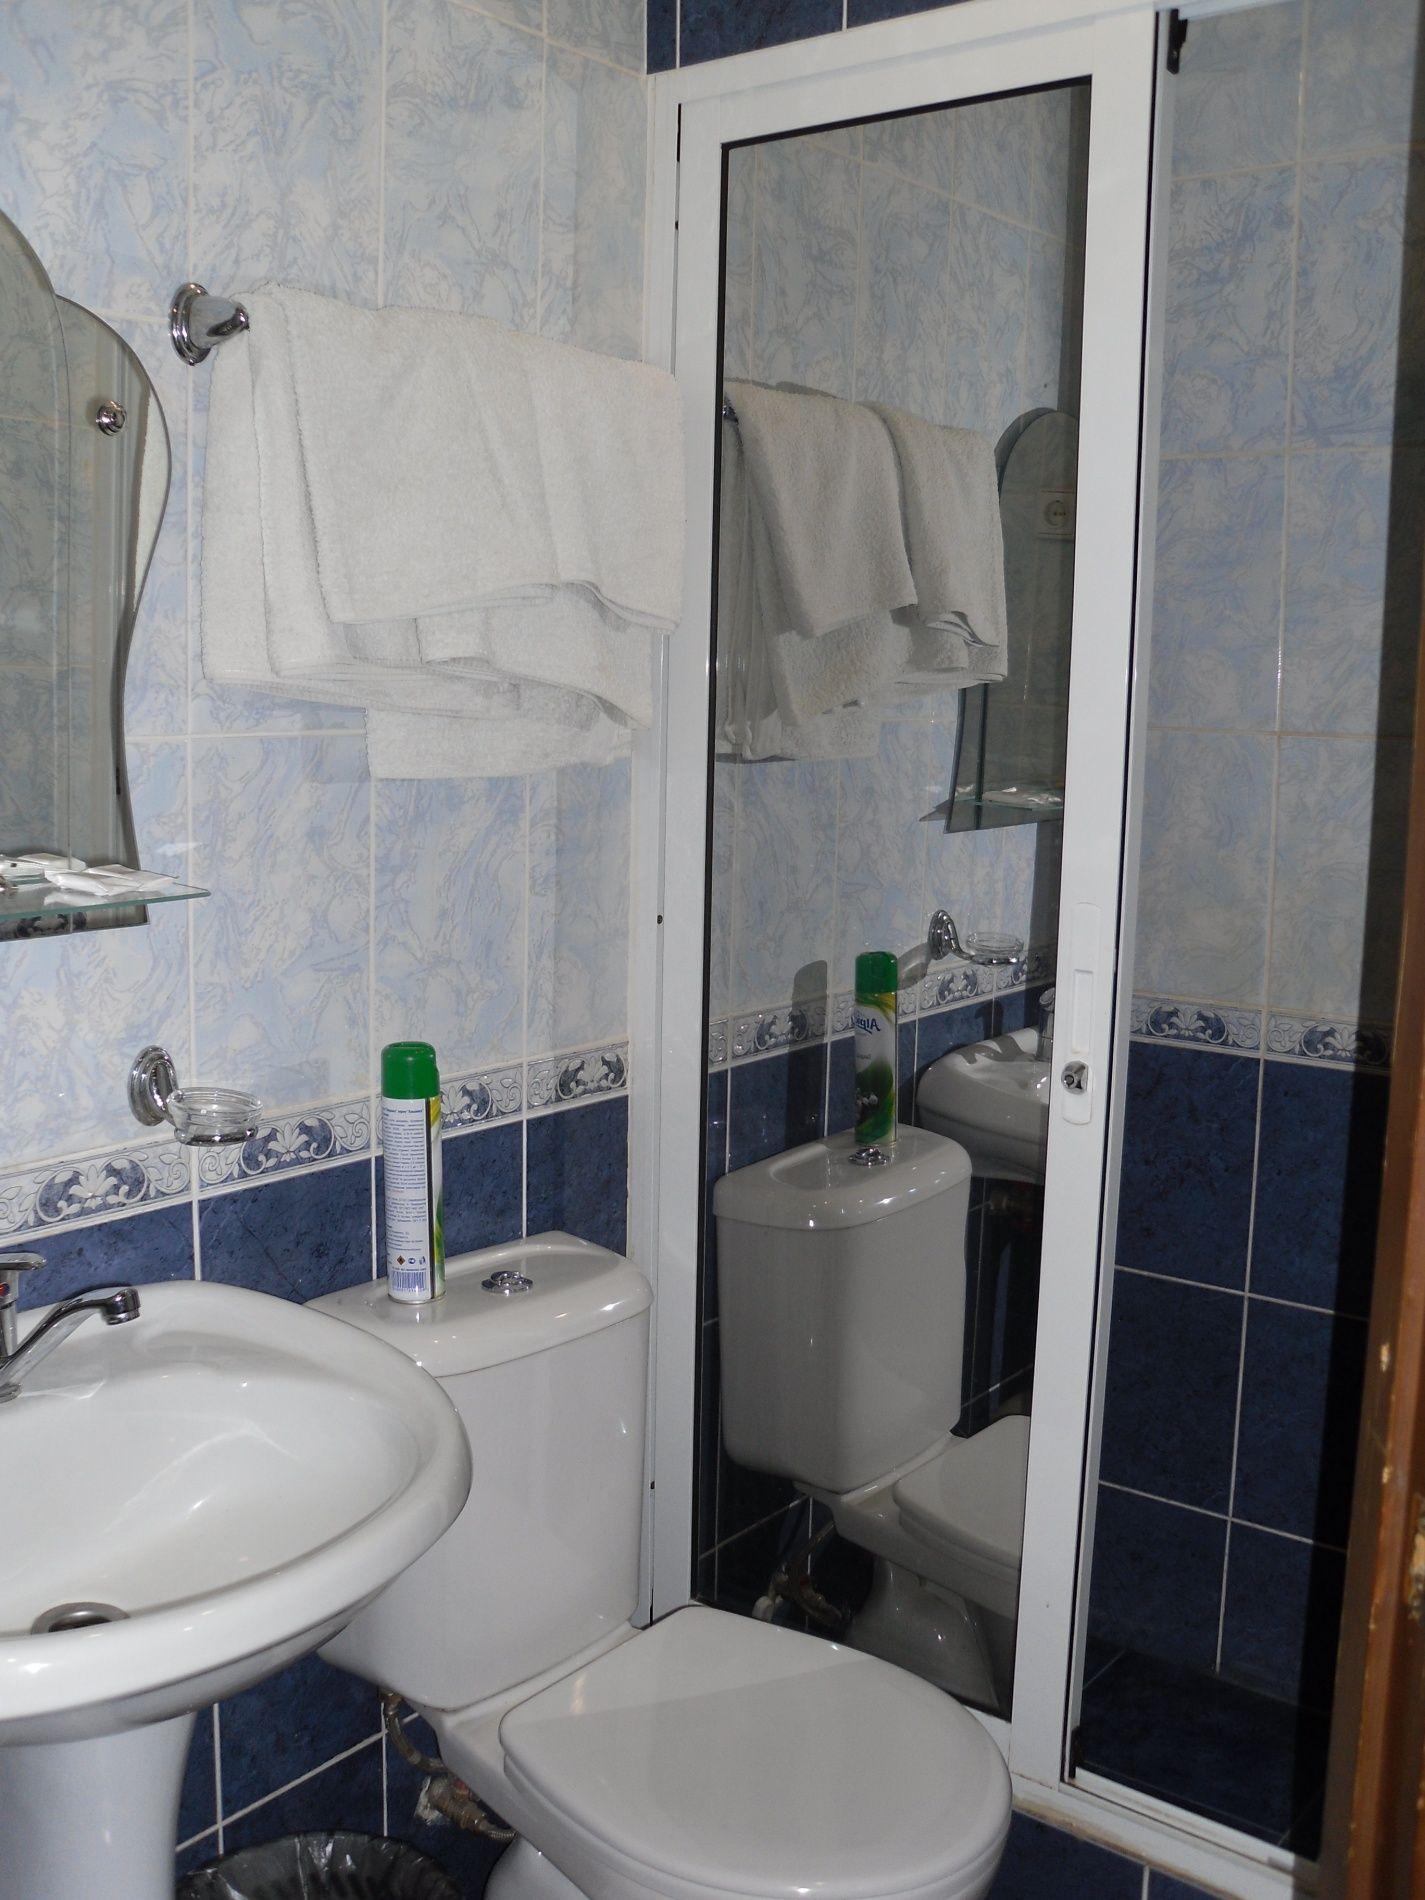 Туристический комплекс «Мирная Пристань» Ивановская область 2-комнатный номер 1 категории (№ 2, 5, 7), фото 9